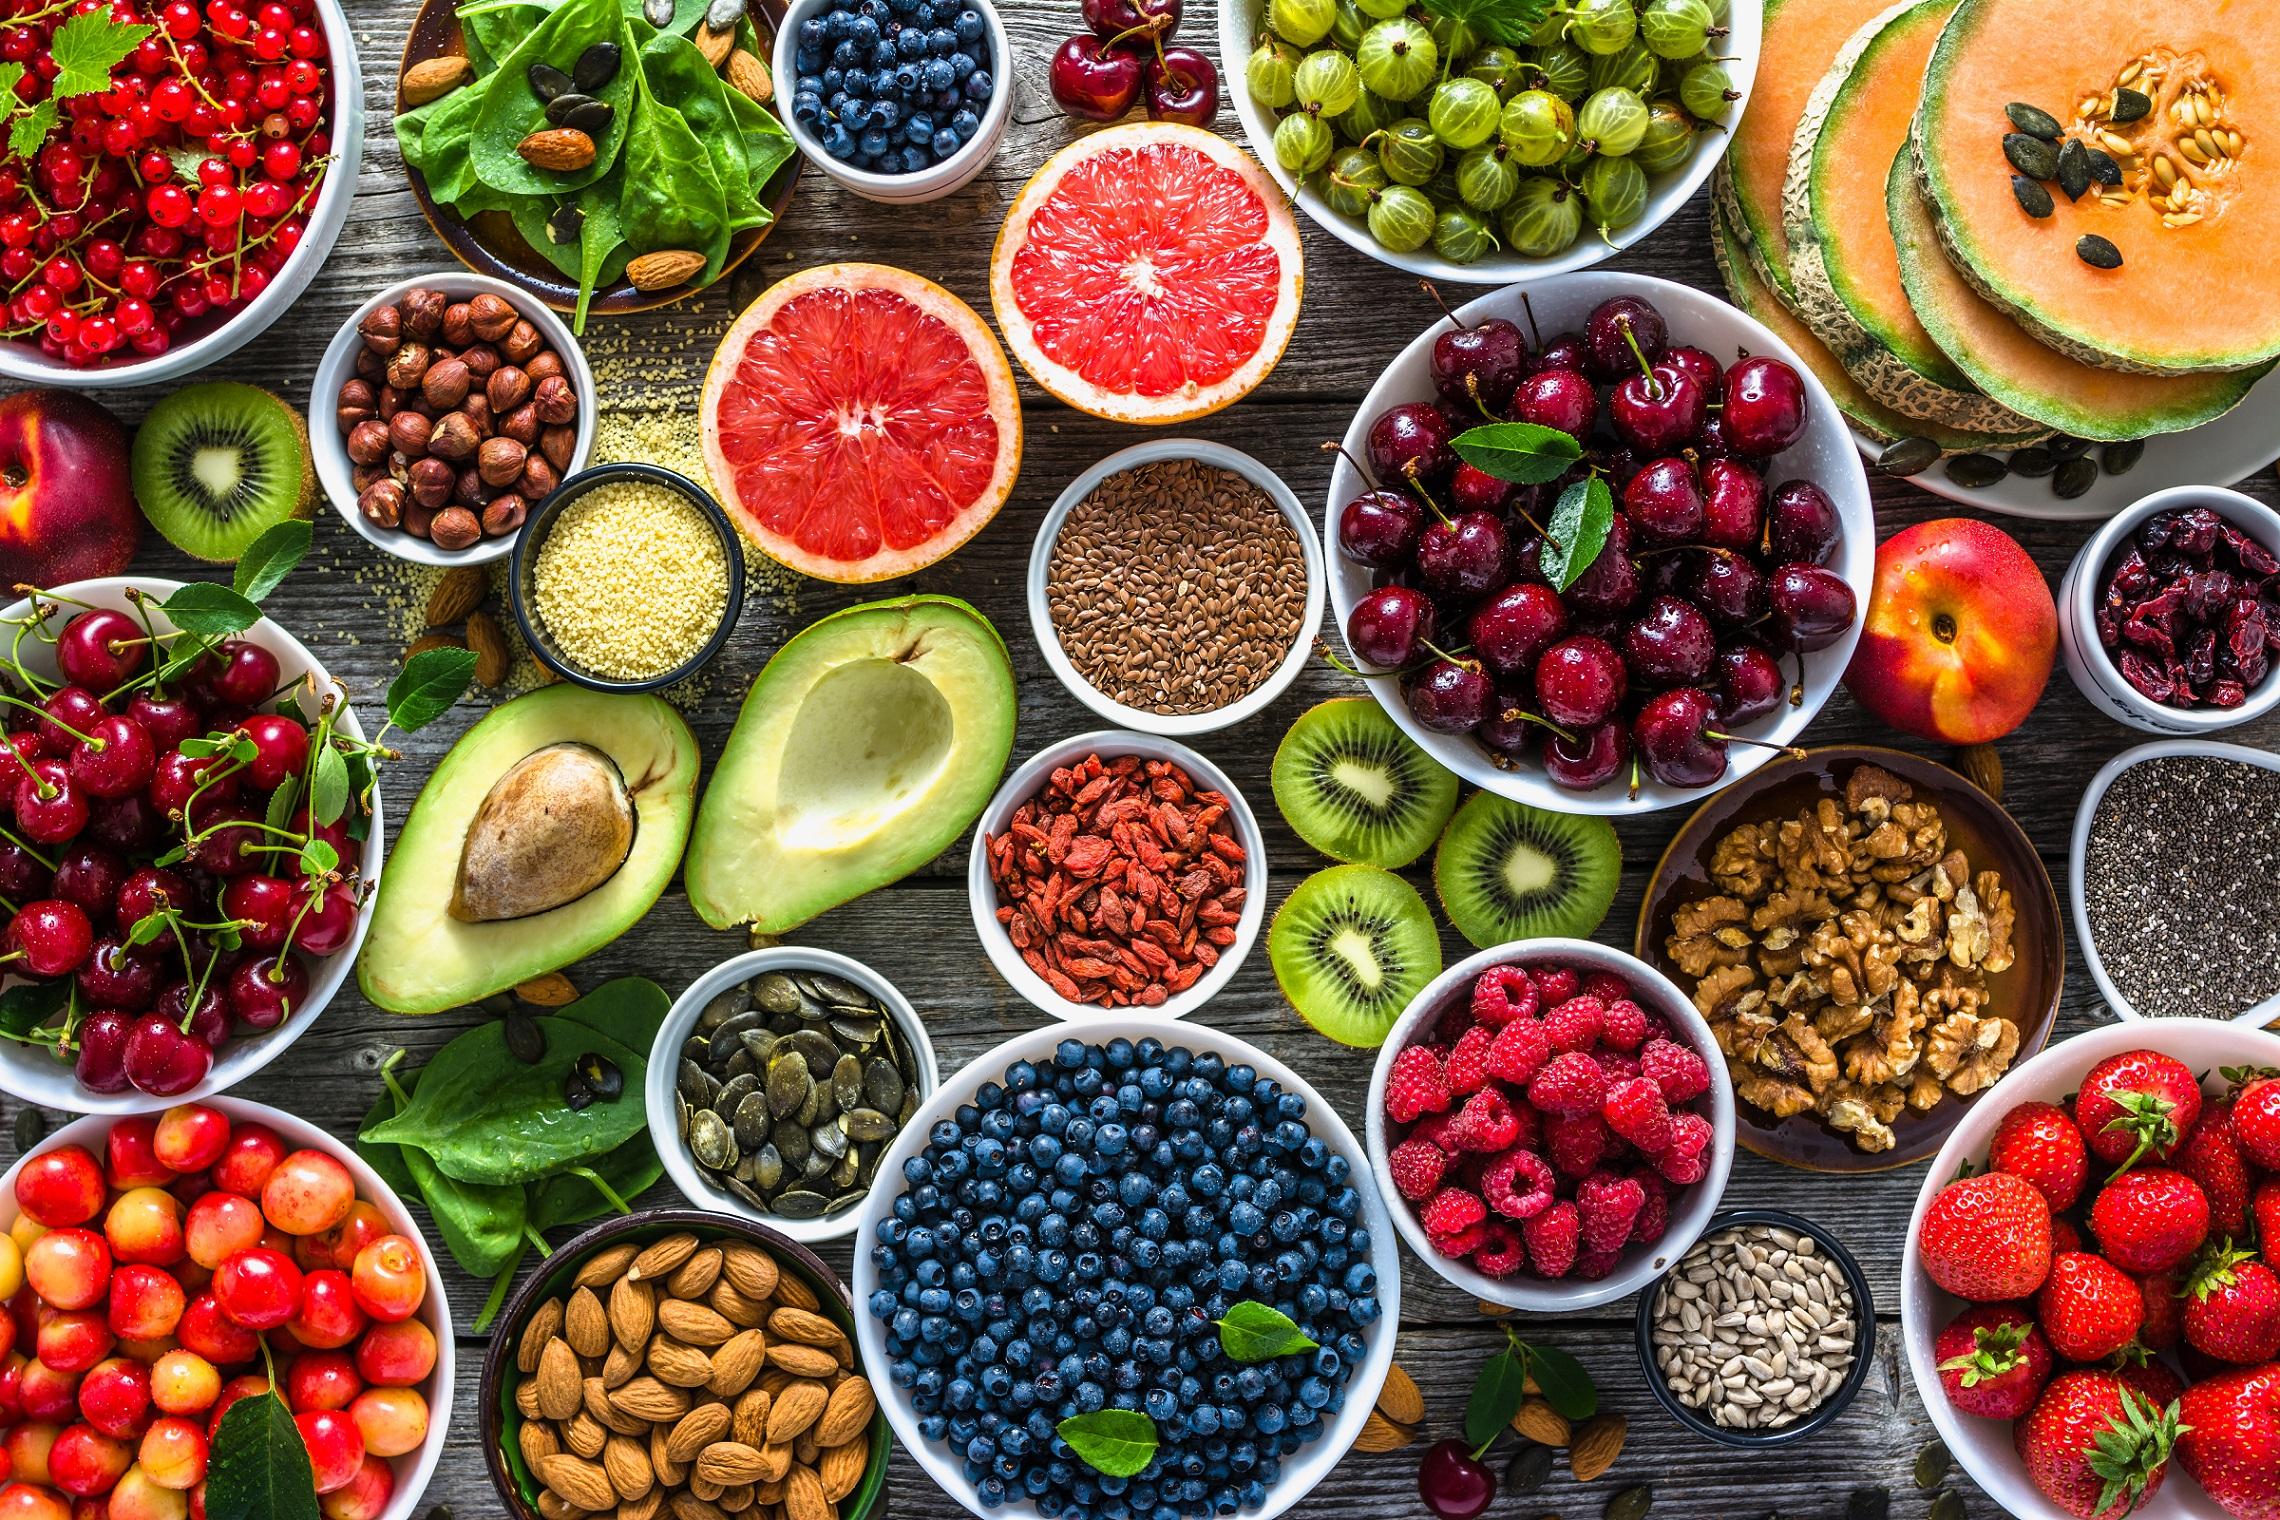 Superfoods-Diese-heimischen-Lebensmittel-bringen-gesundheitliche-Vorteile